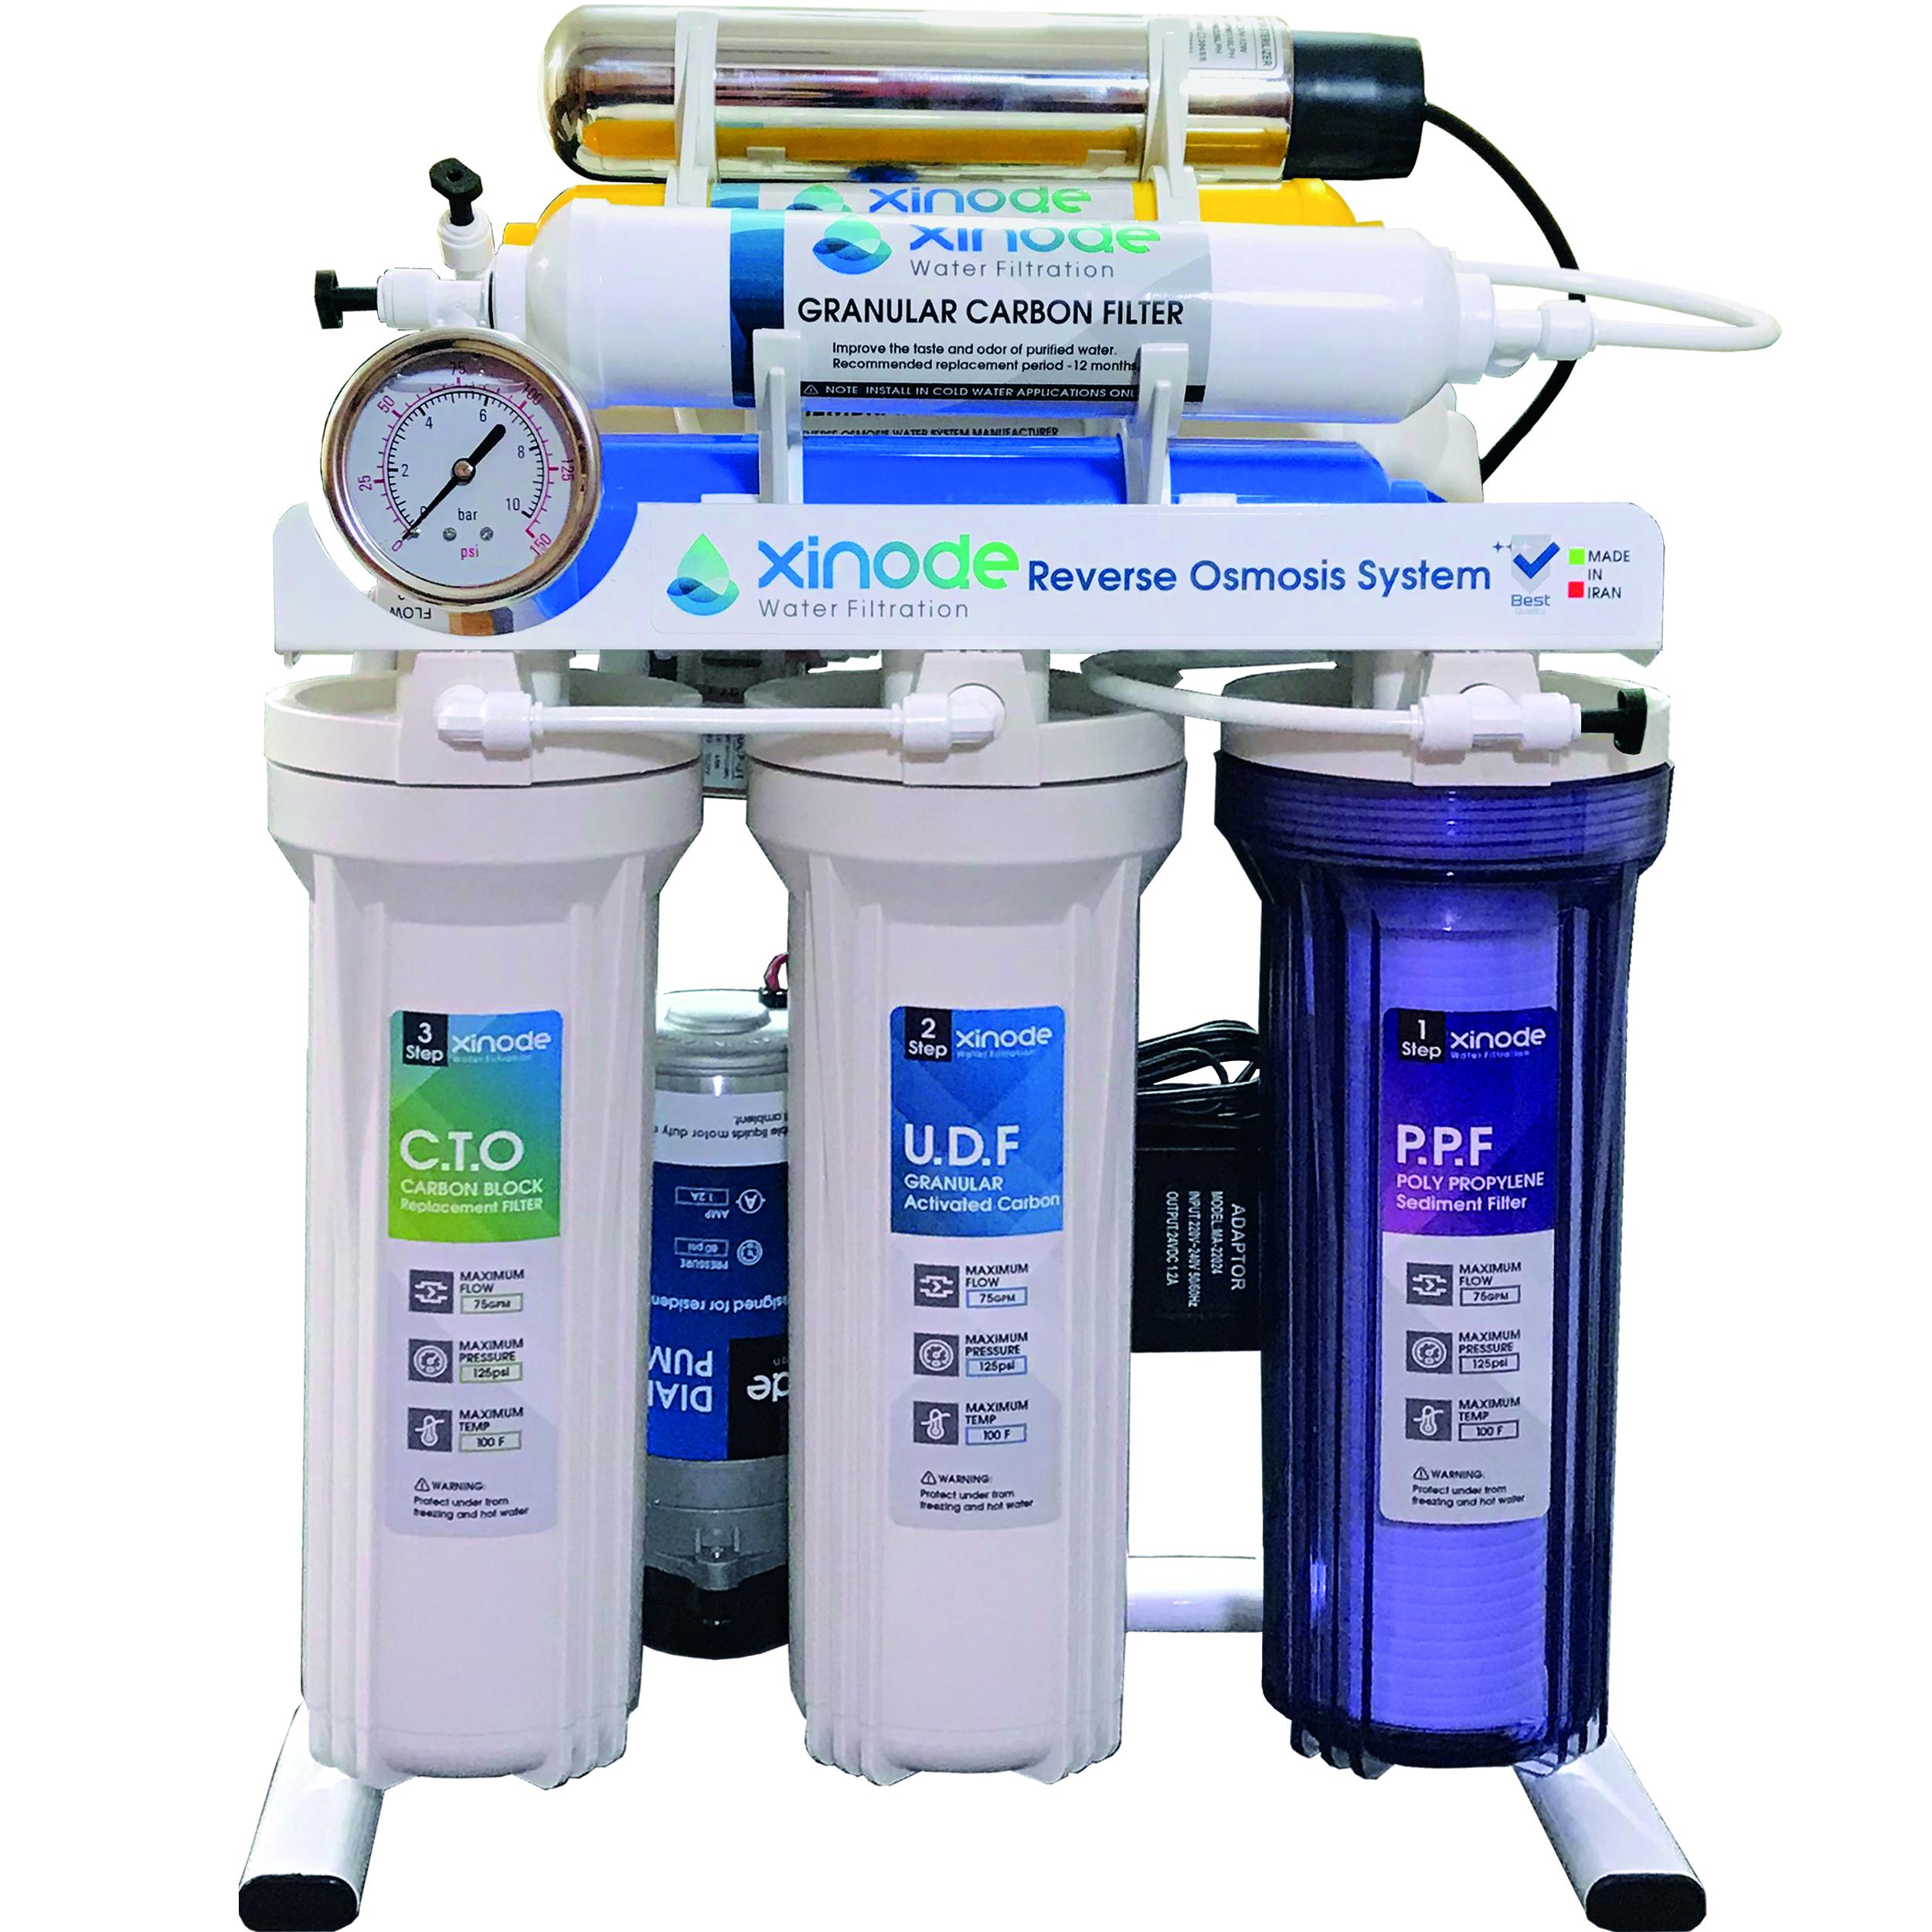 دستگاه تصفیه کننده آب زینود مدل AXS-610HB